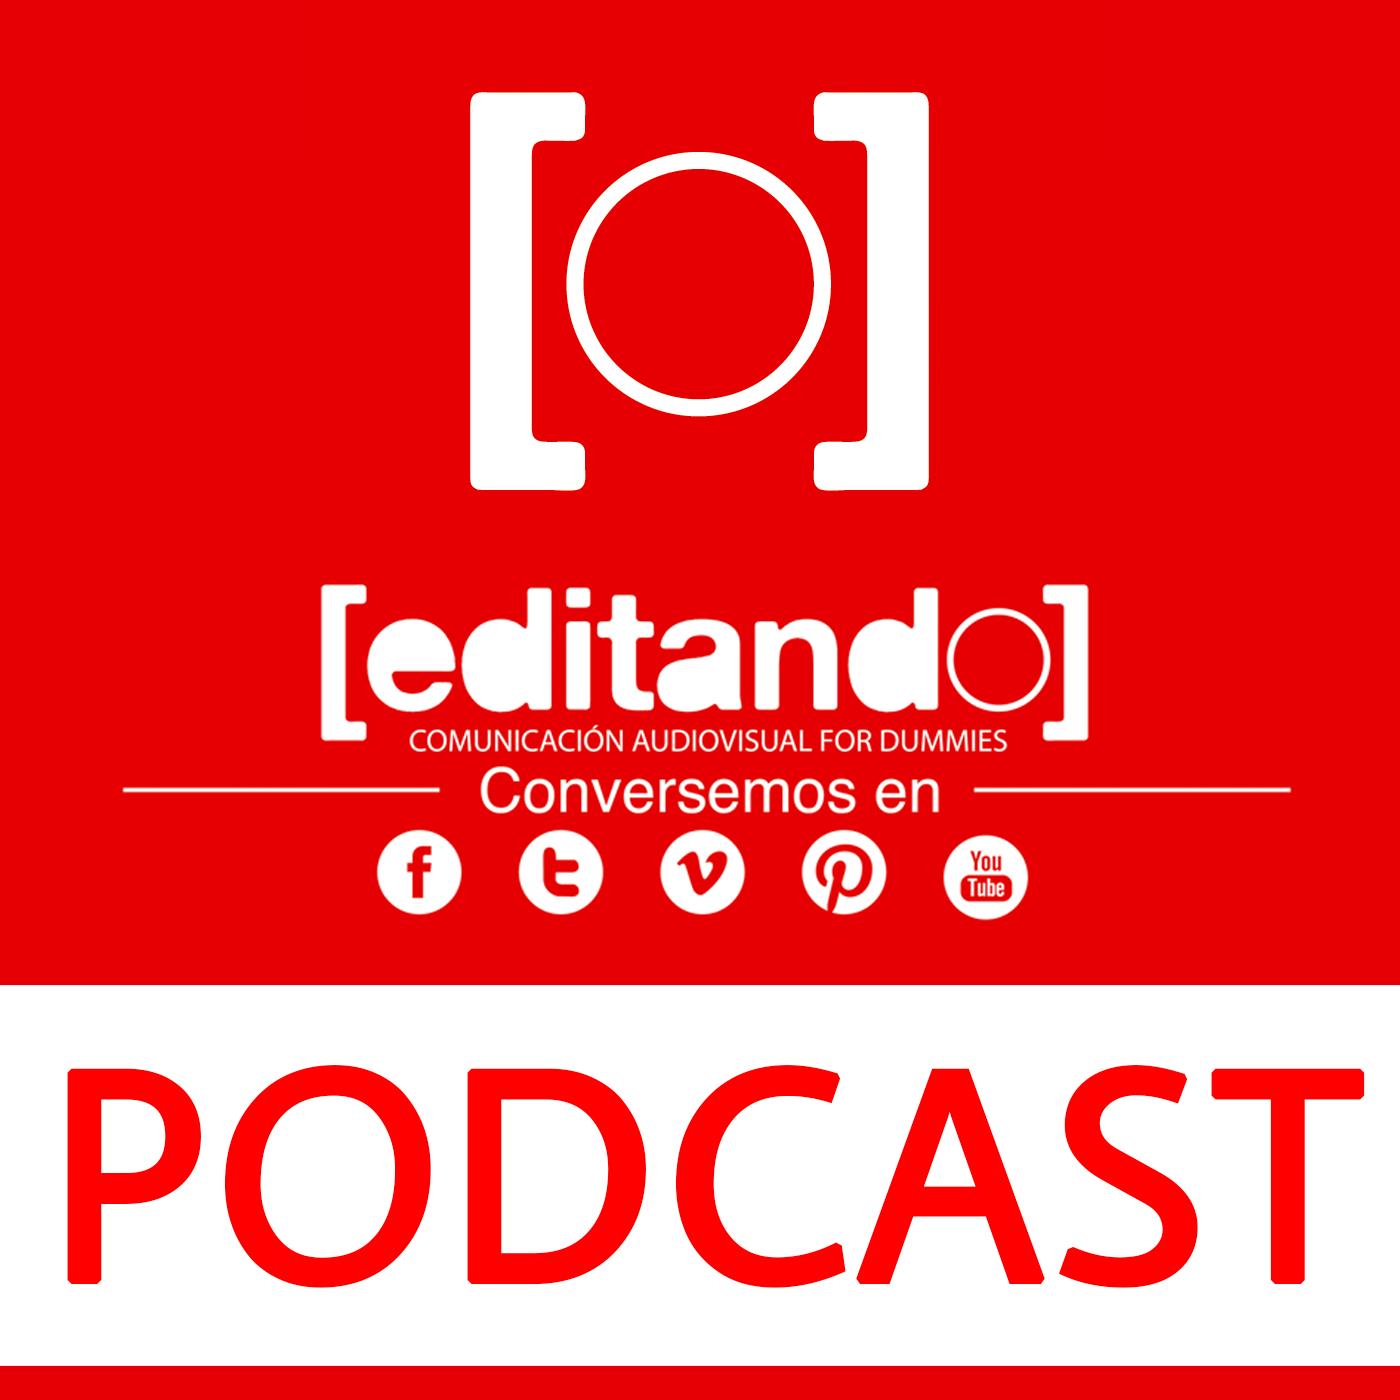 EditandoPodcast